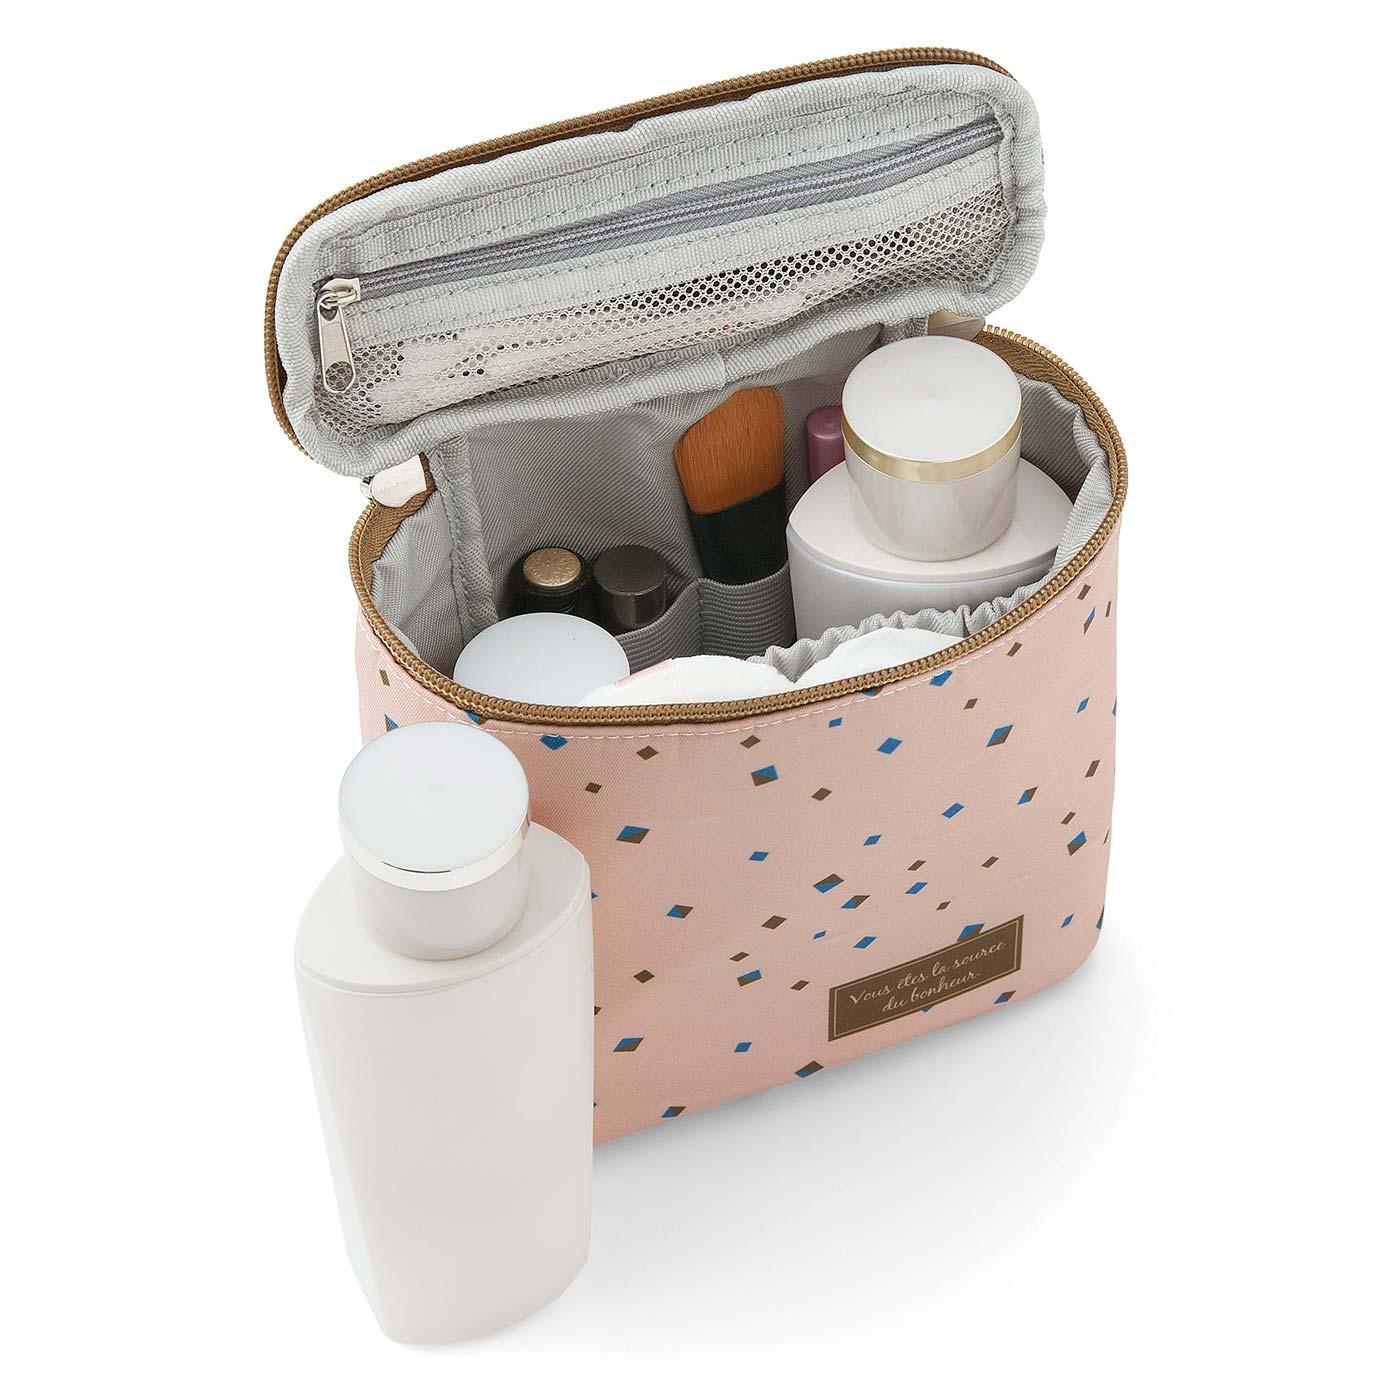 フェリシモ 基礎化粧品まるごと立て収納 スリムサイズのバニティーポーチの会